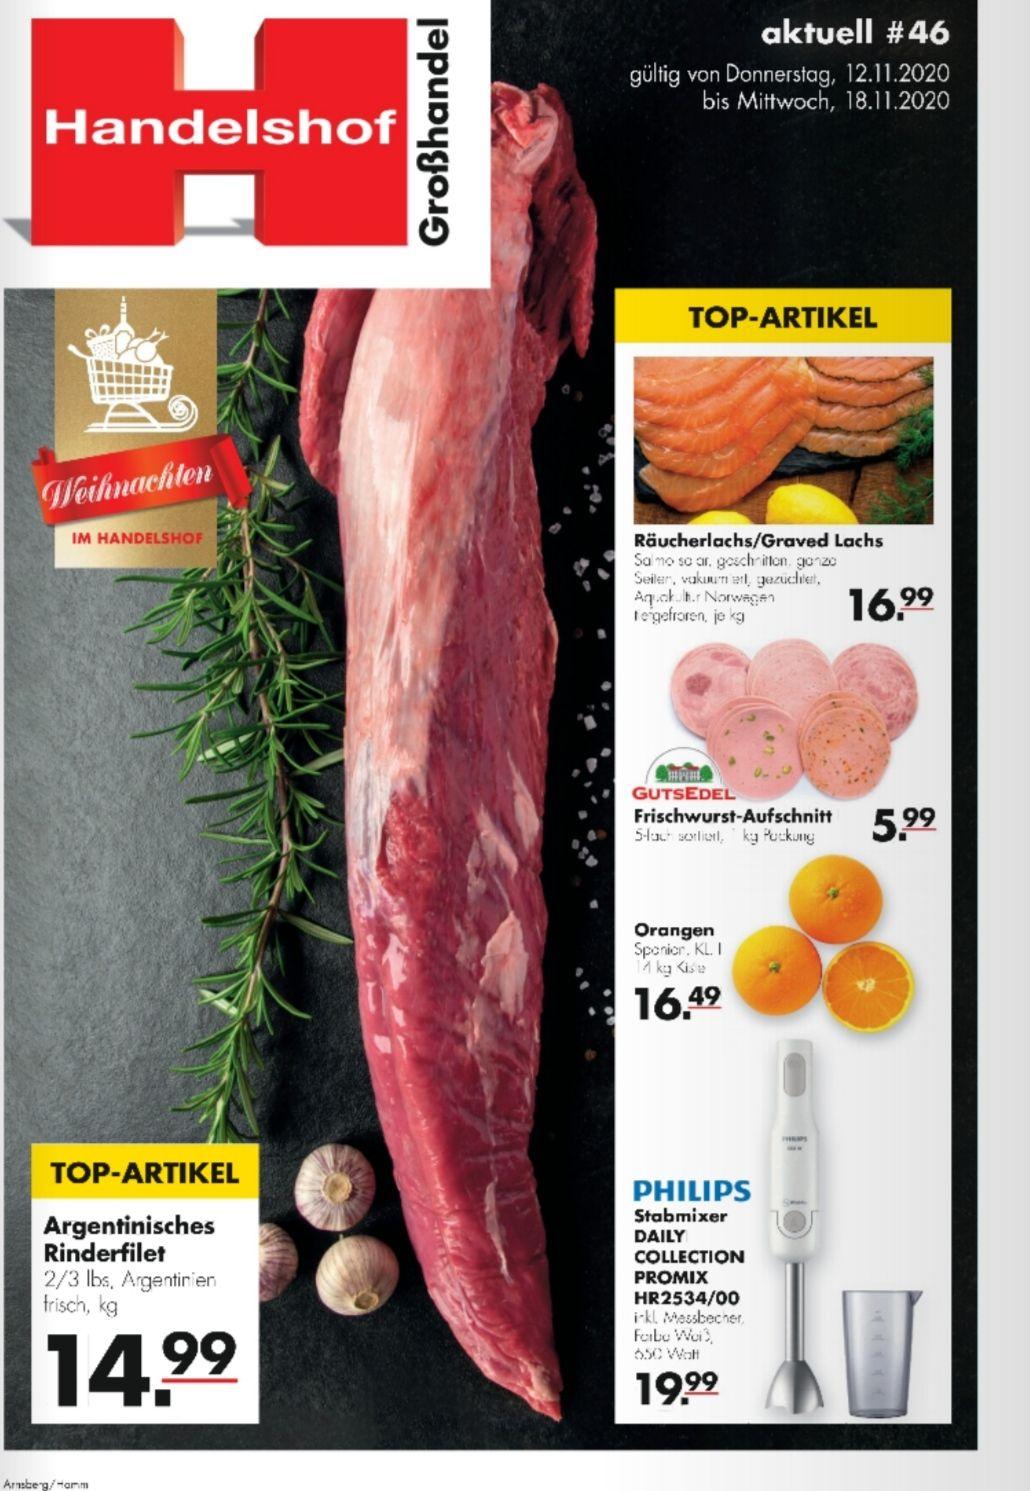 (Handelshof) Argentisches Rinderfilet frisch für 15,74 € pro kg (12.11.-18.11.)